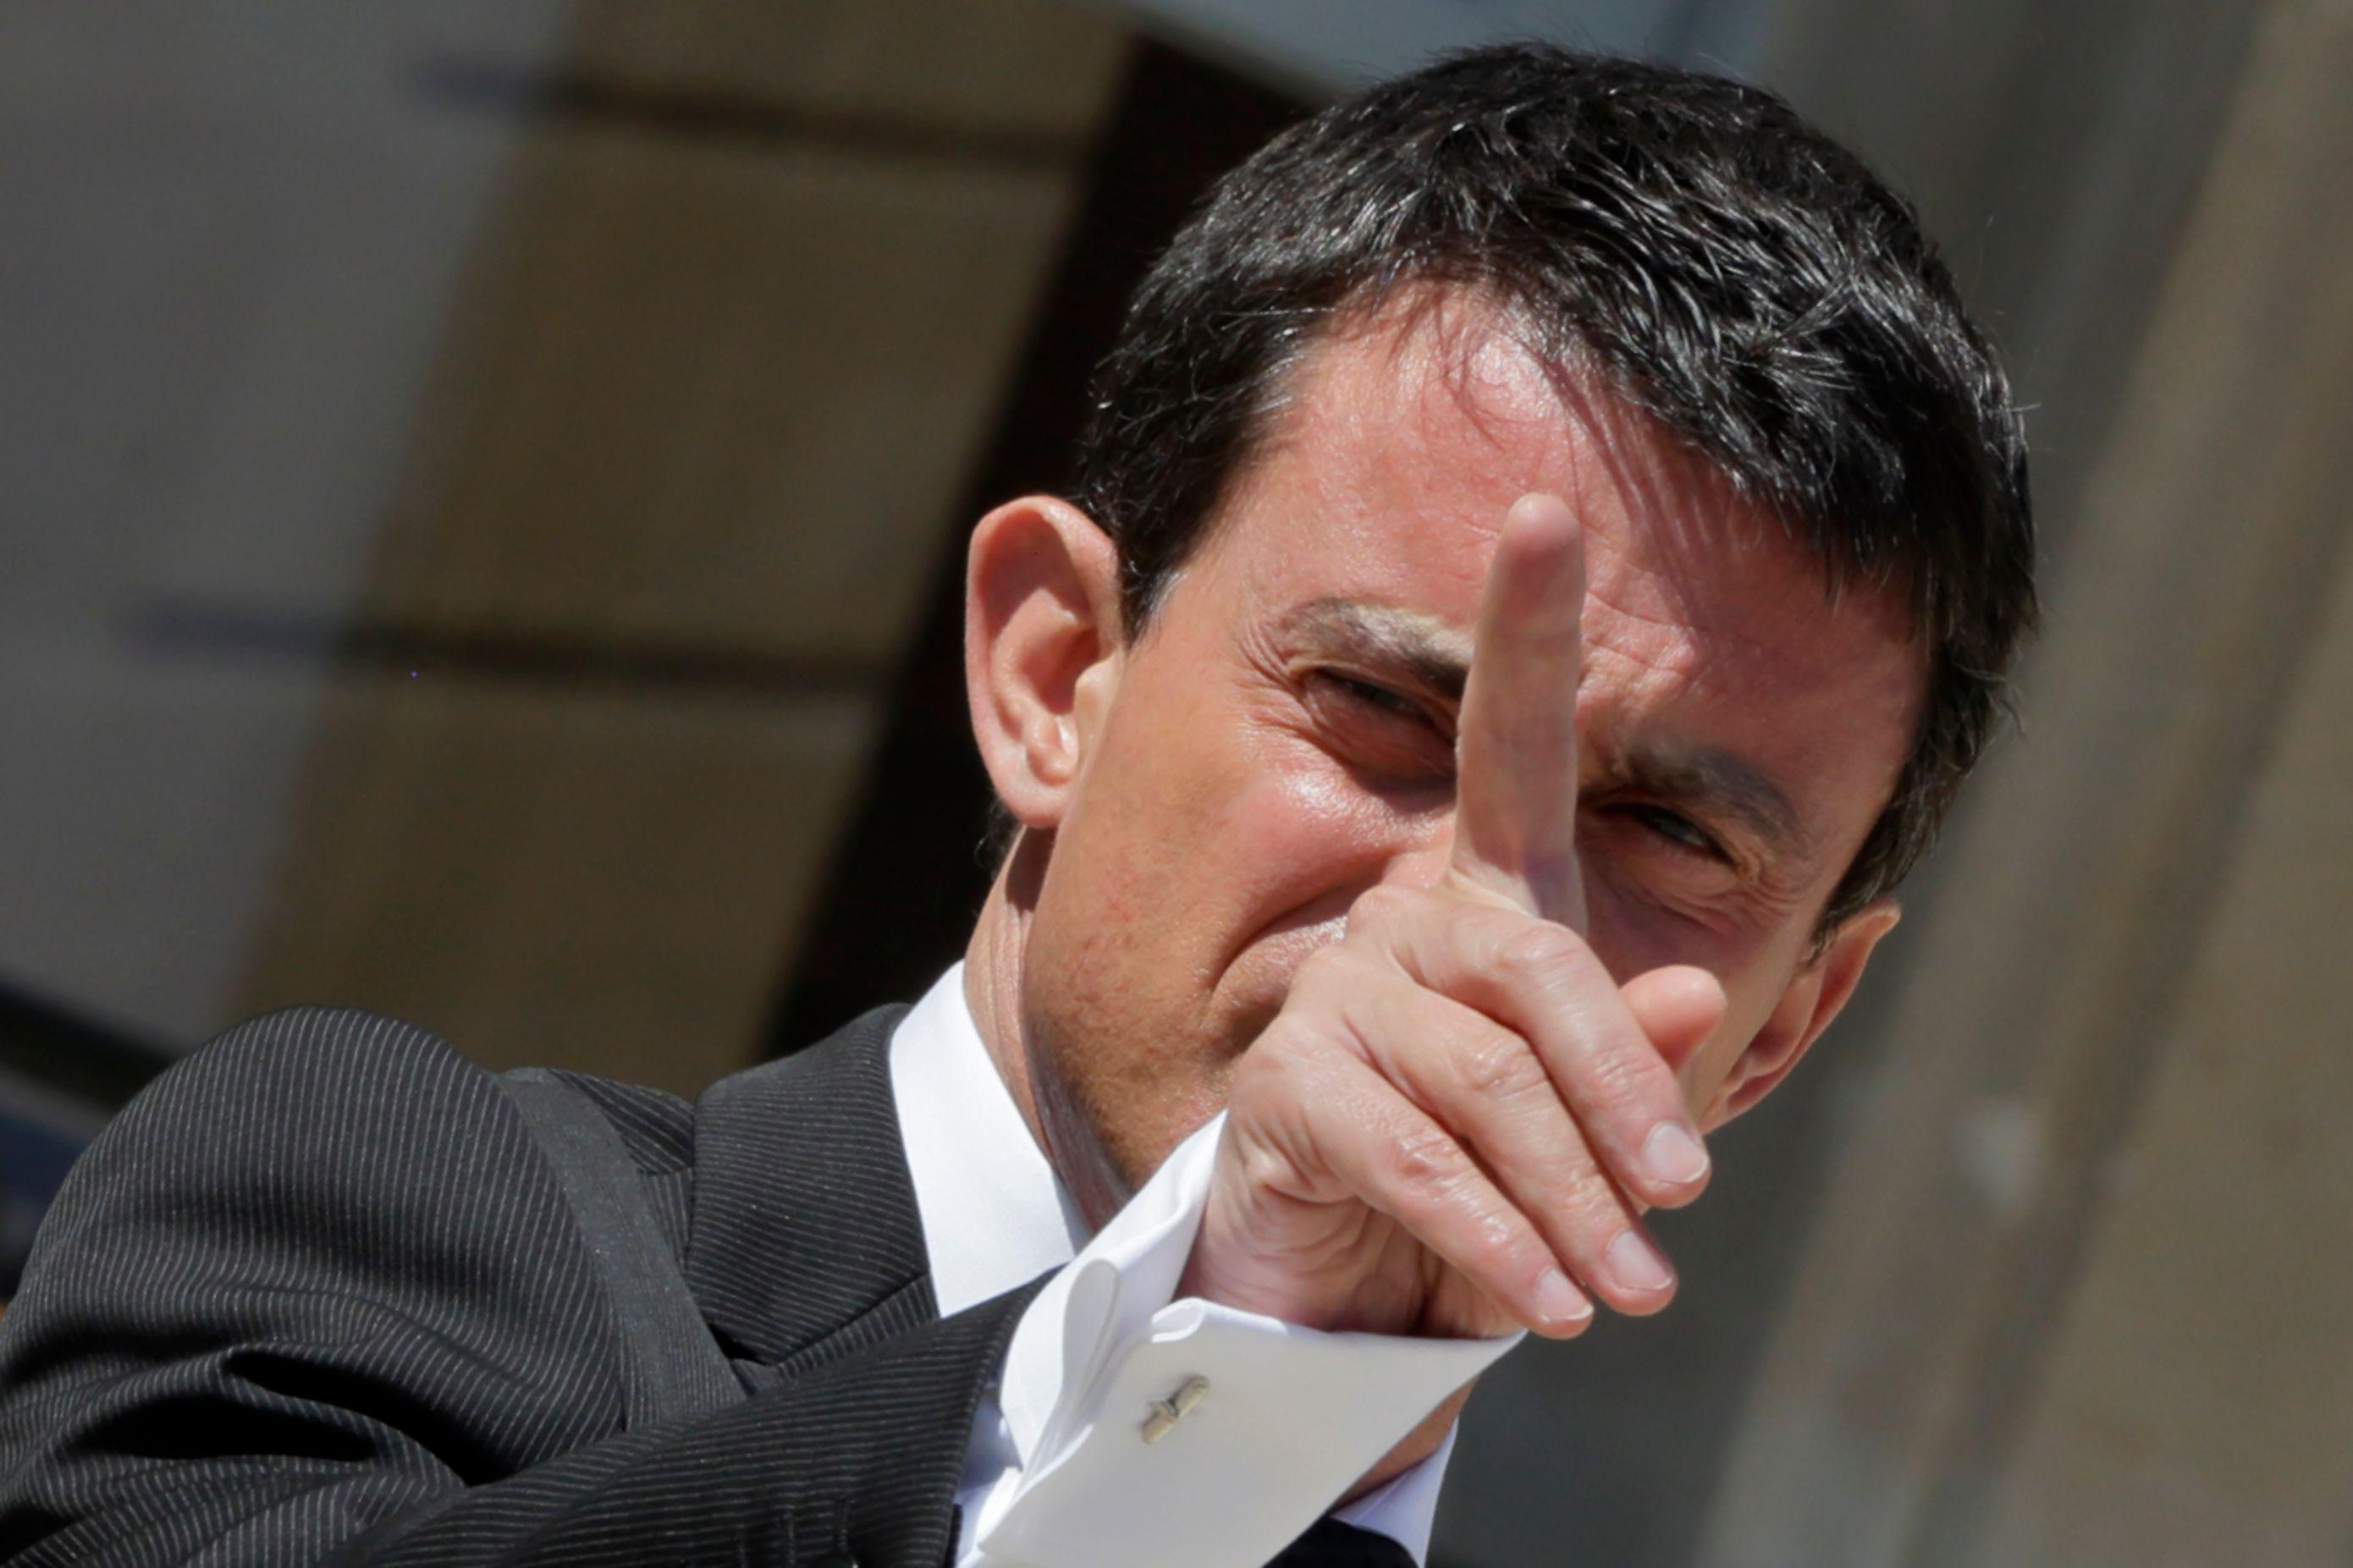 """15 interpellations trois mois après les émeutes de Moirans : preuve de la """"fermeté républicaine"""" vantée par Valls... ou de l'inverse ?"""